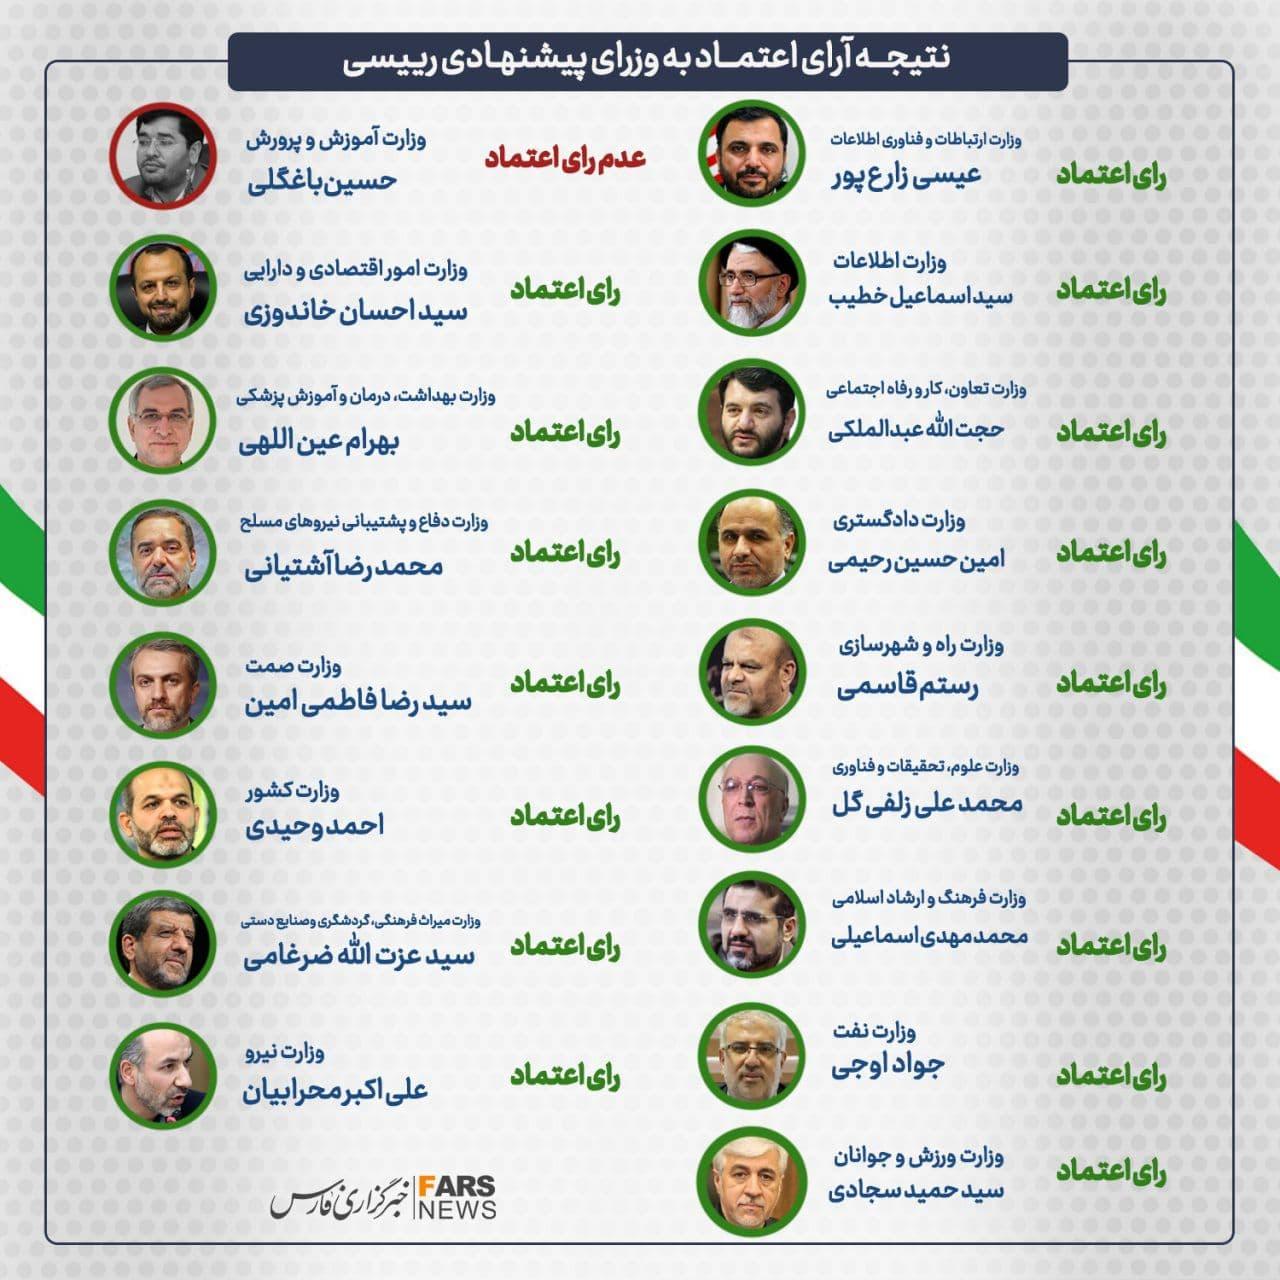 رأی اعتماد مجلس به ۱۸ گزینه رئیسی